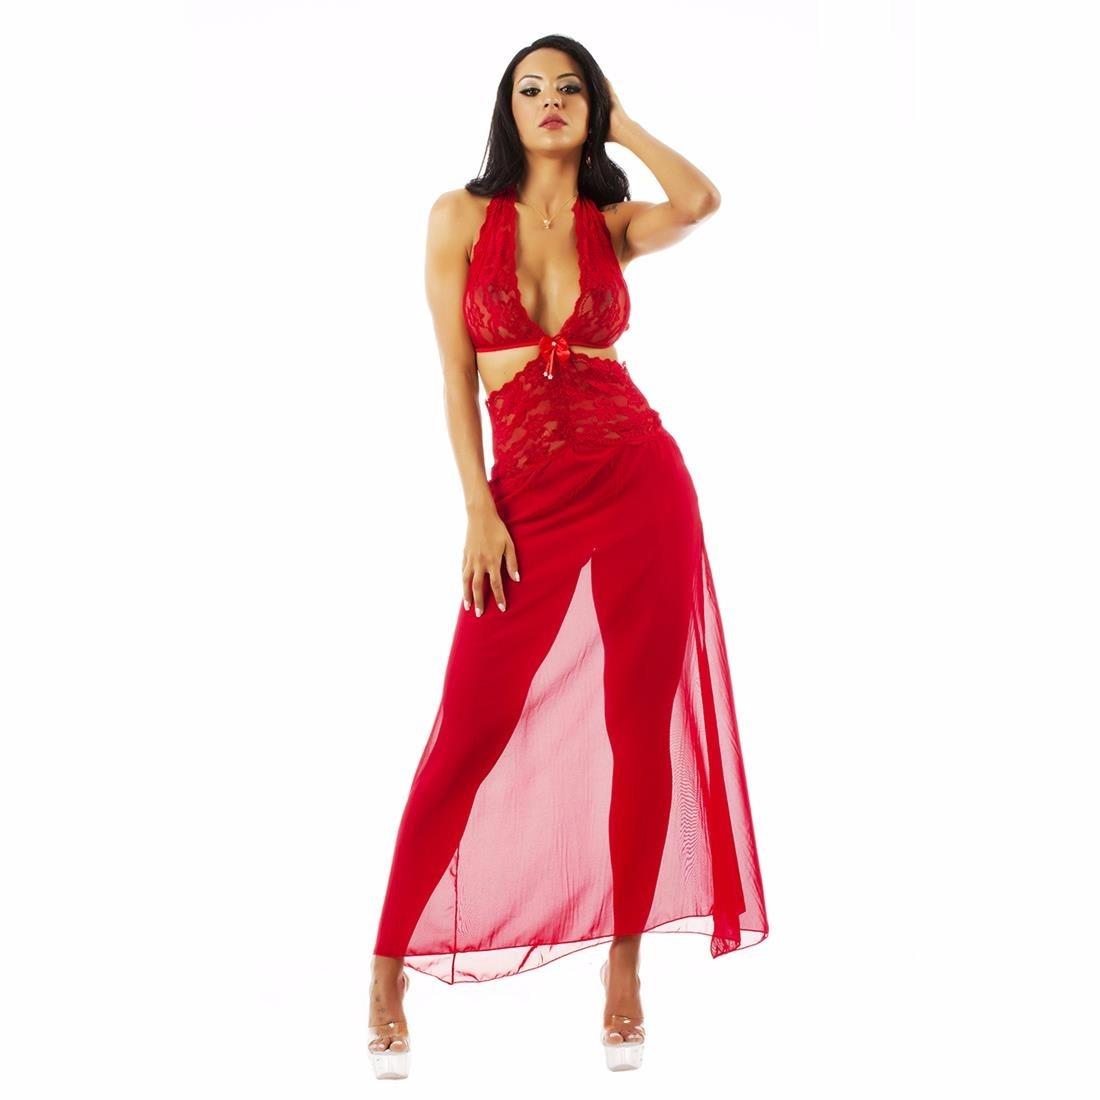 e53f78087 camisola sensual renda longa pimenta sexy vermelha - 5264. Carregando zoom.